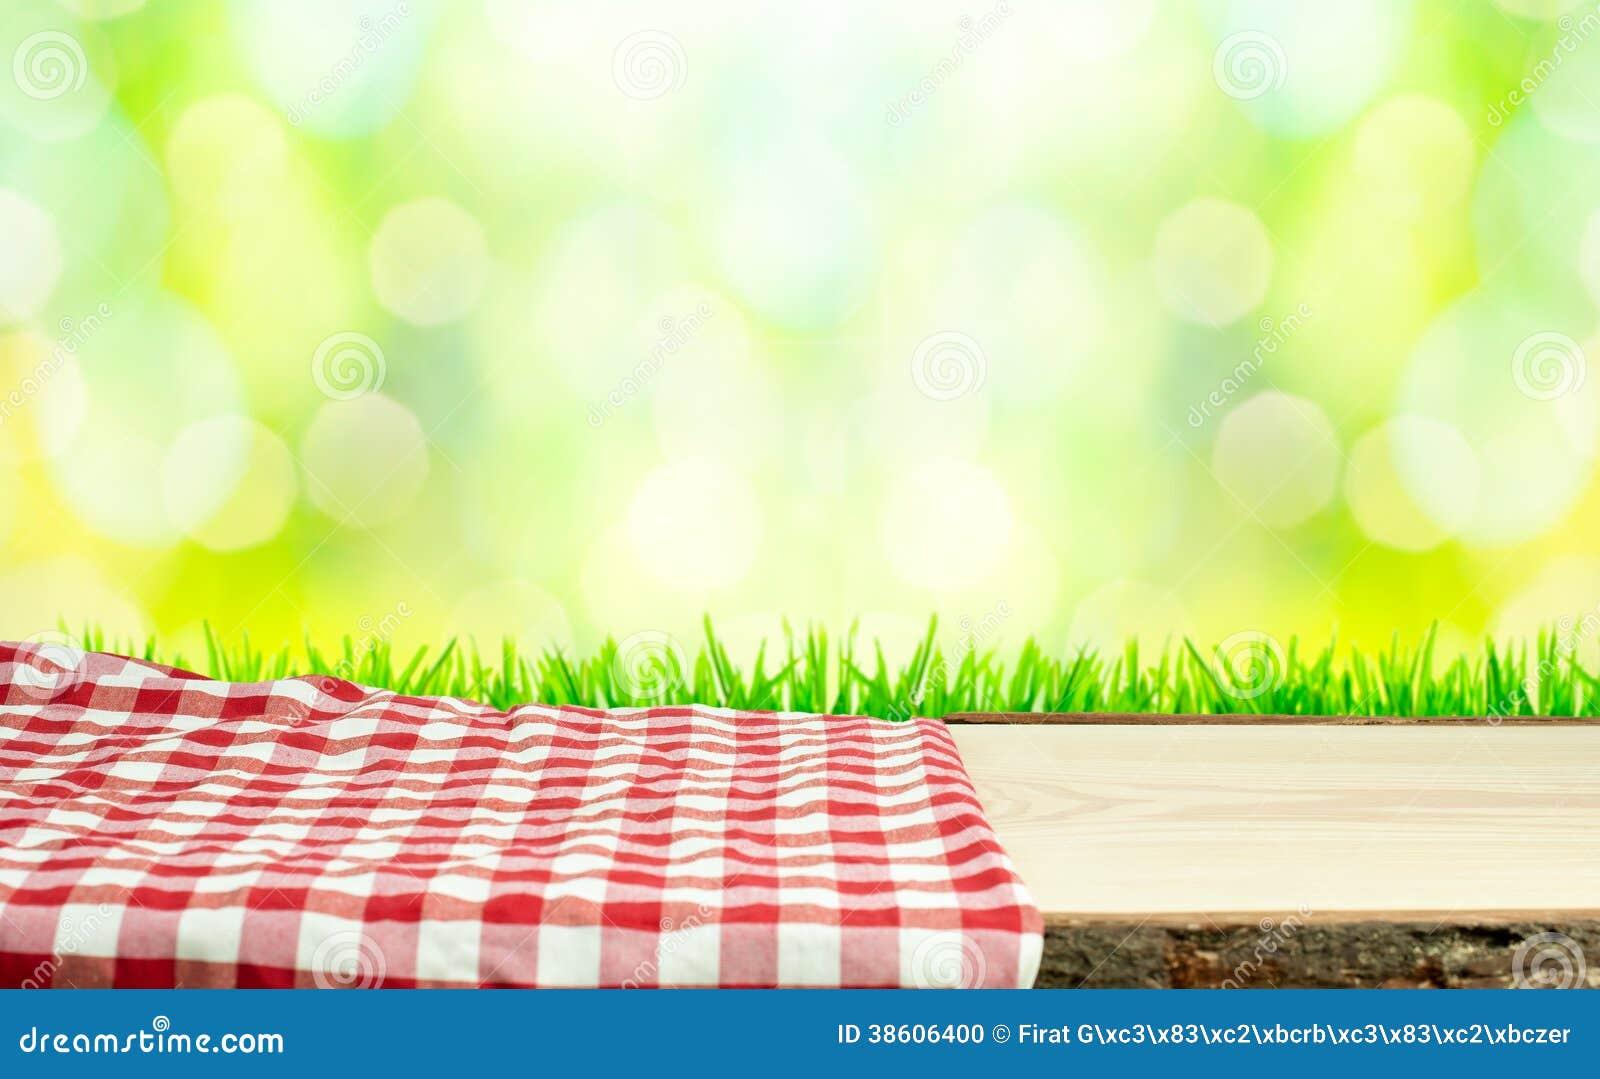 Tavola di picnic in natura